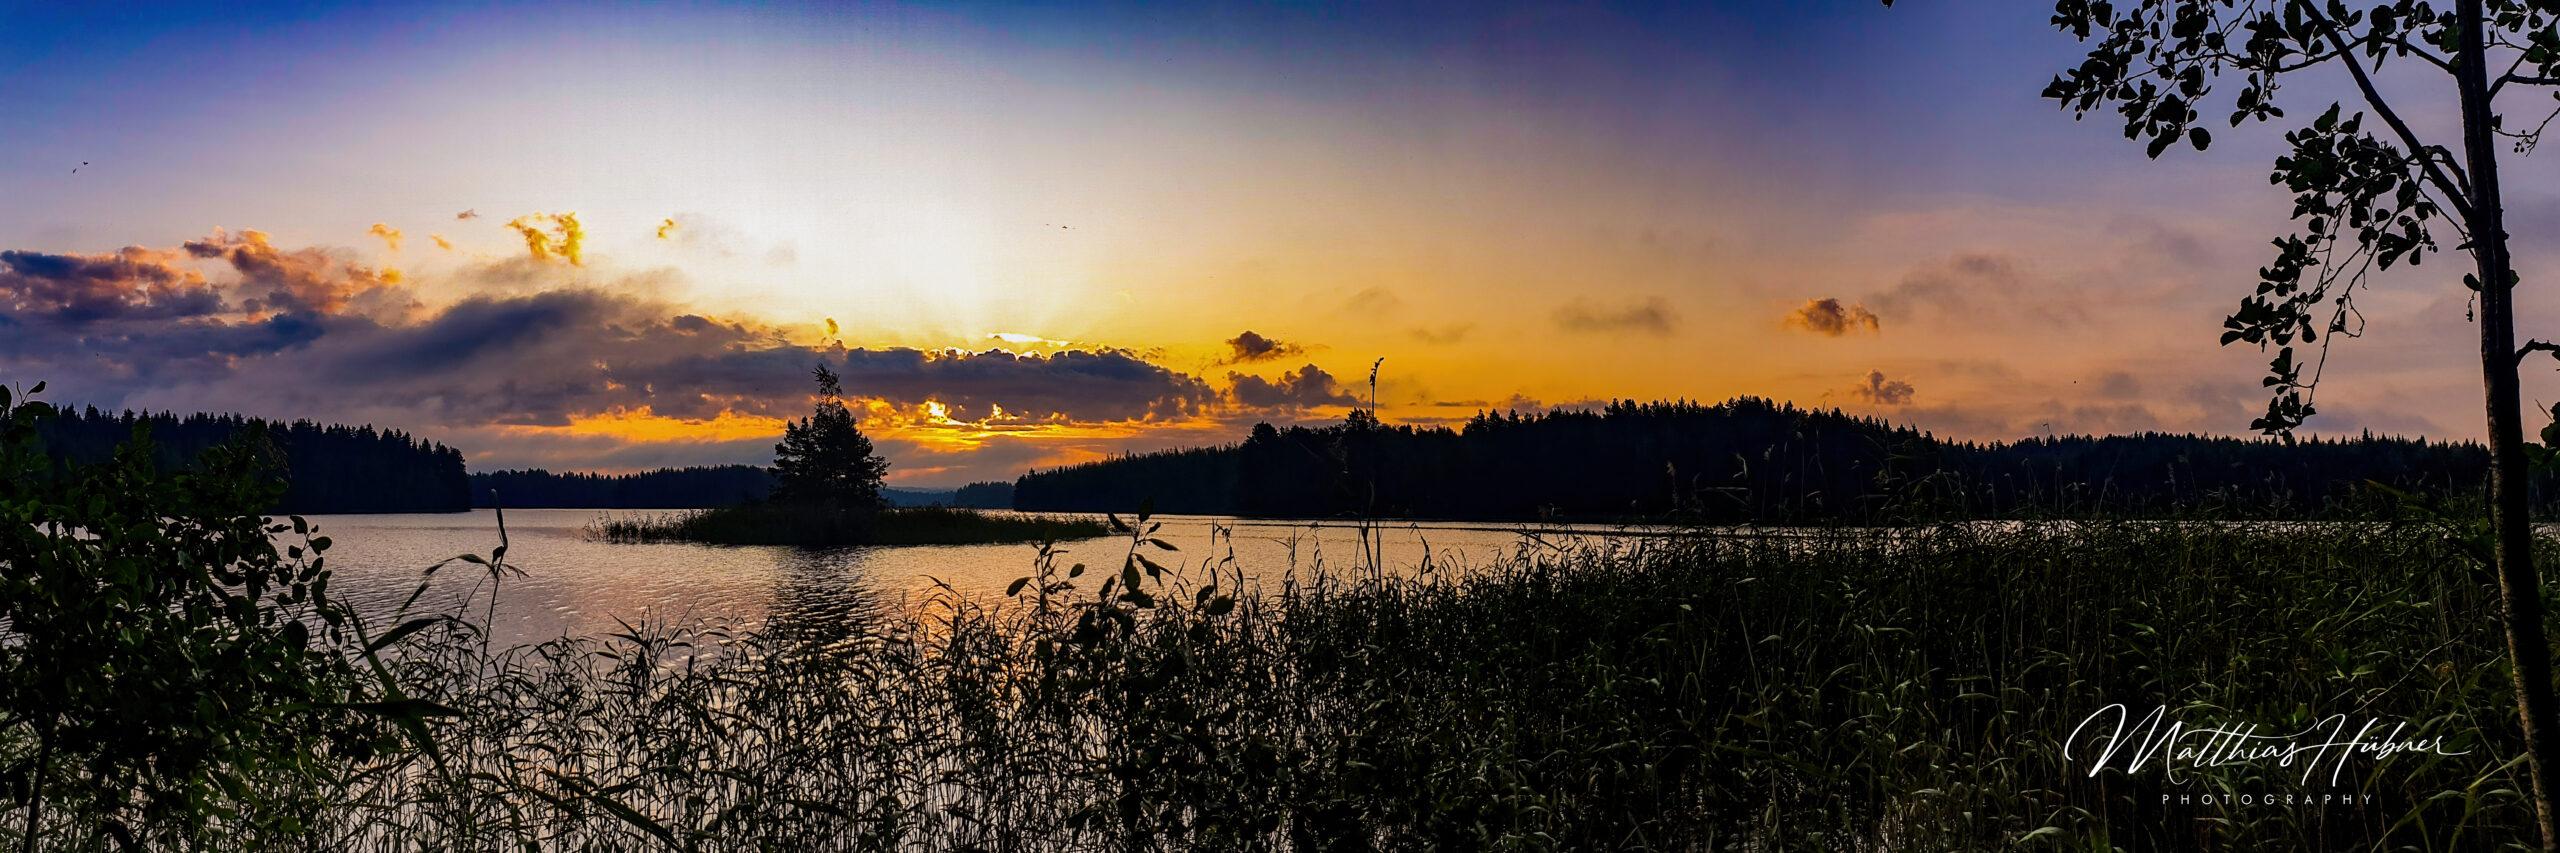 Sunrise muuttosaaret finland huebner photography